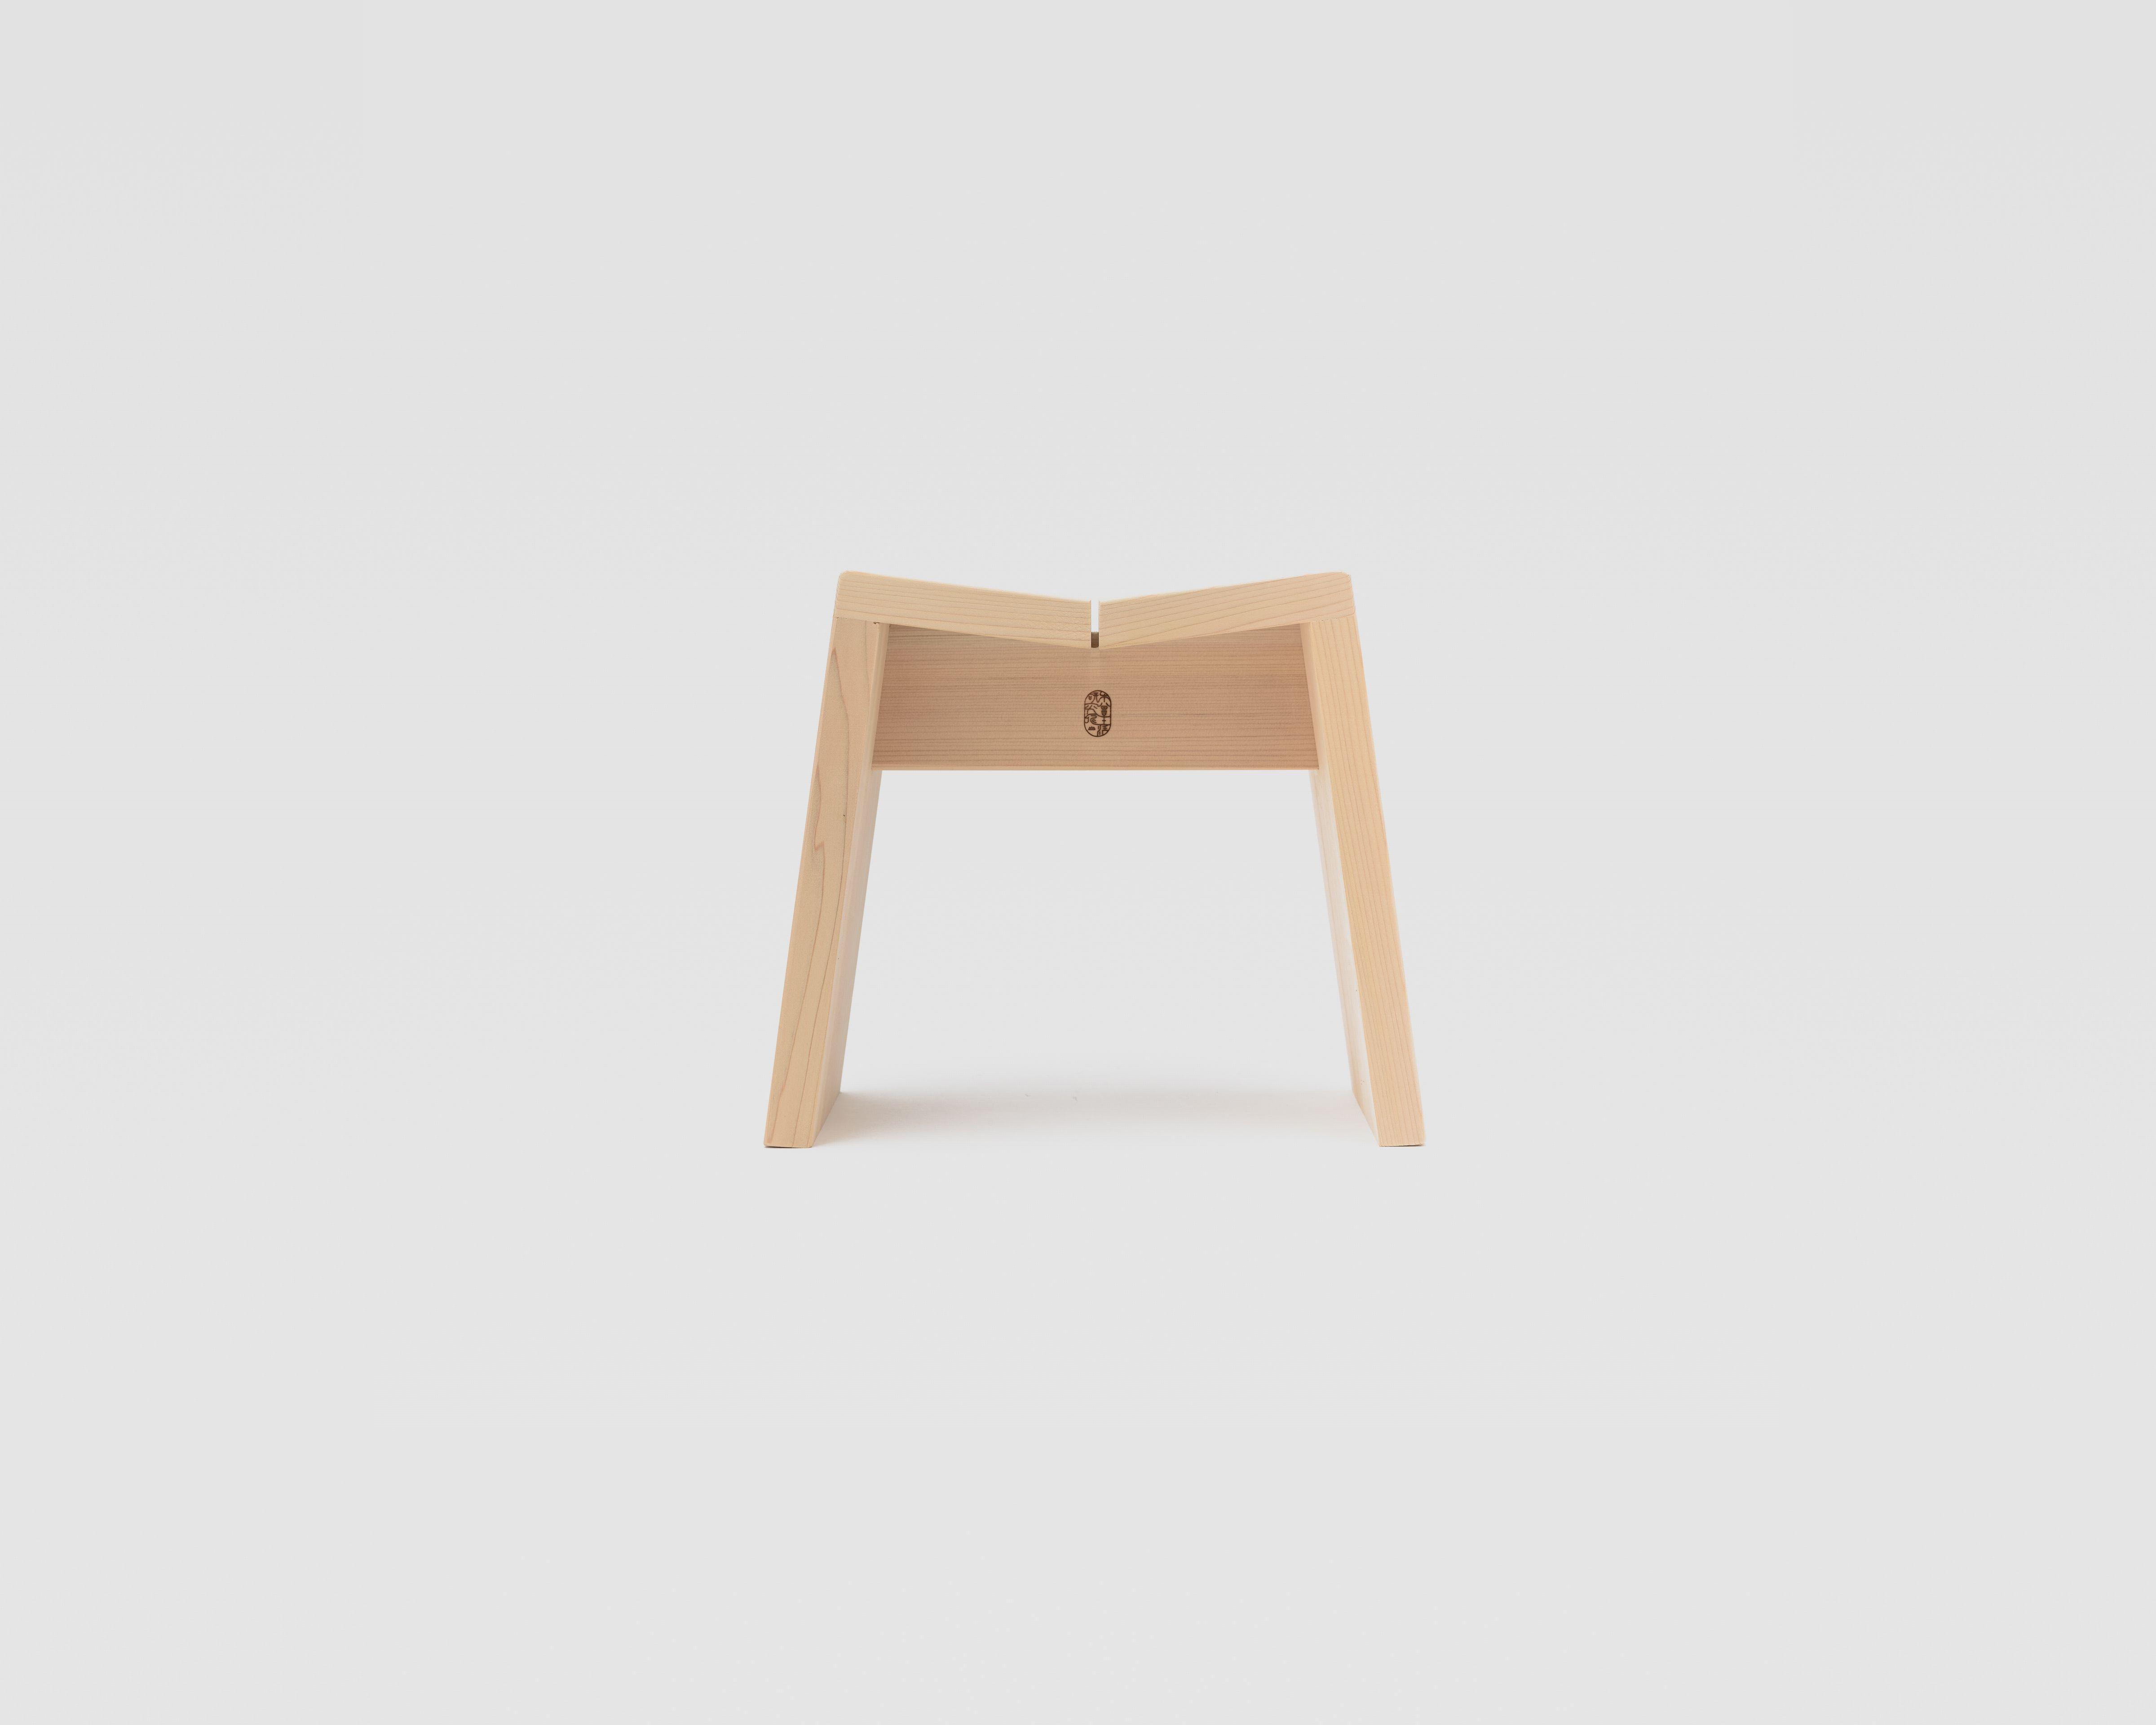 木曽のサワラでつくった風呂椅子03